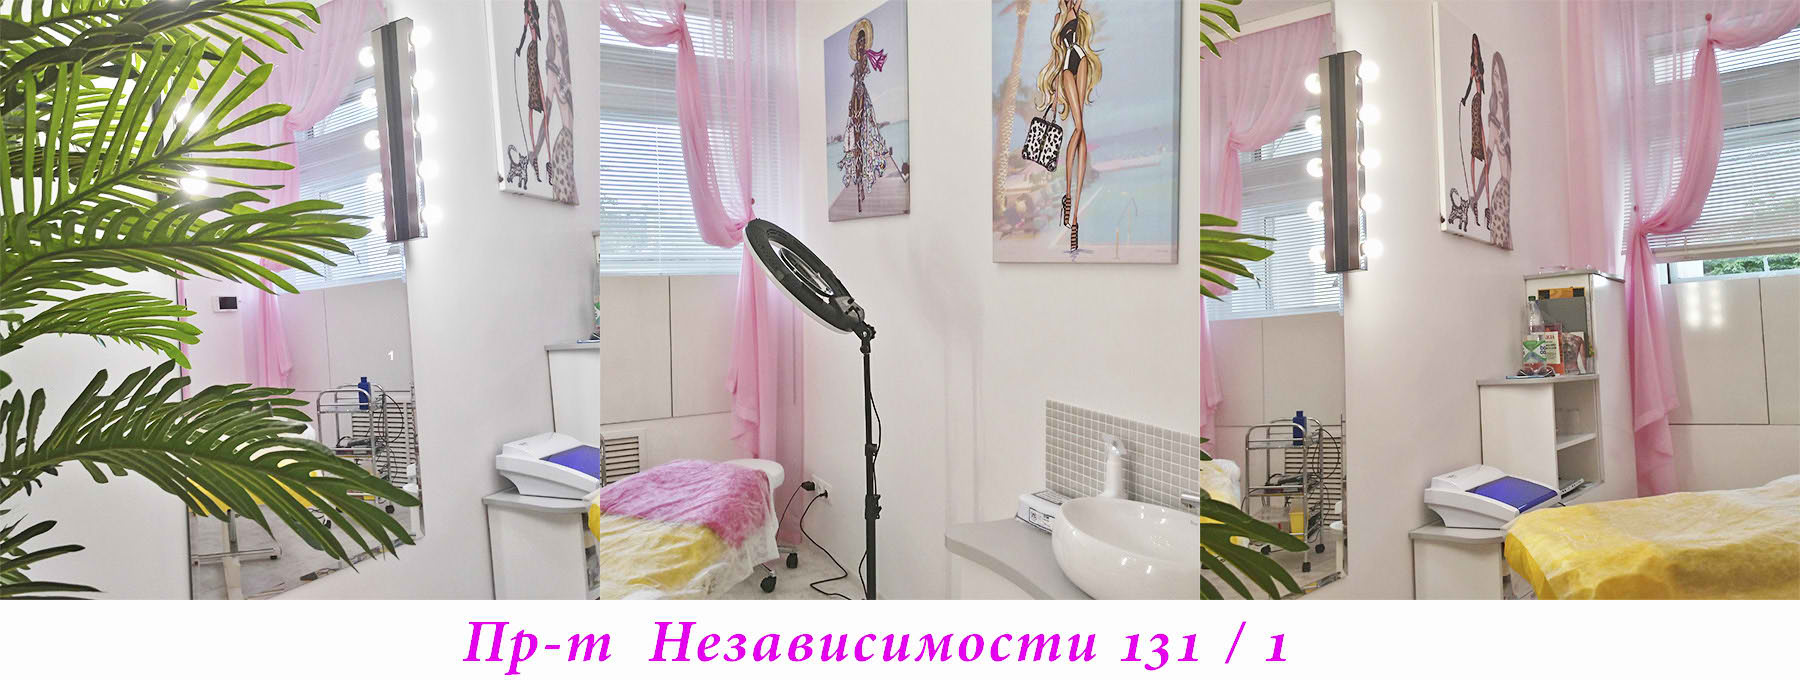 Интерьер кабинета перманентного макияжа